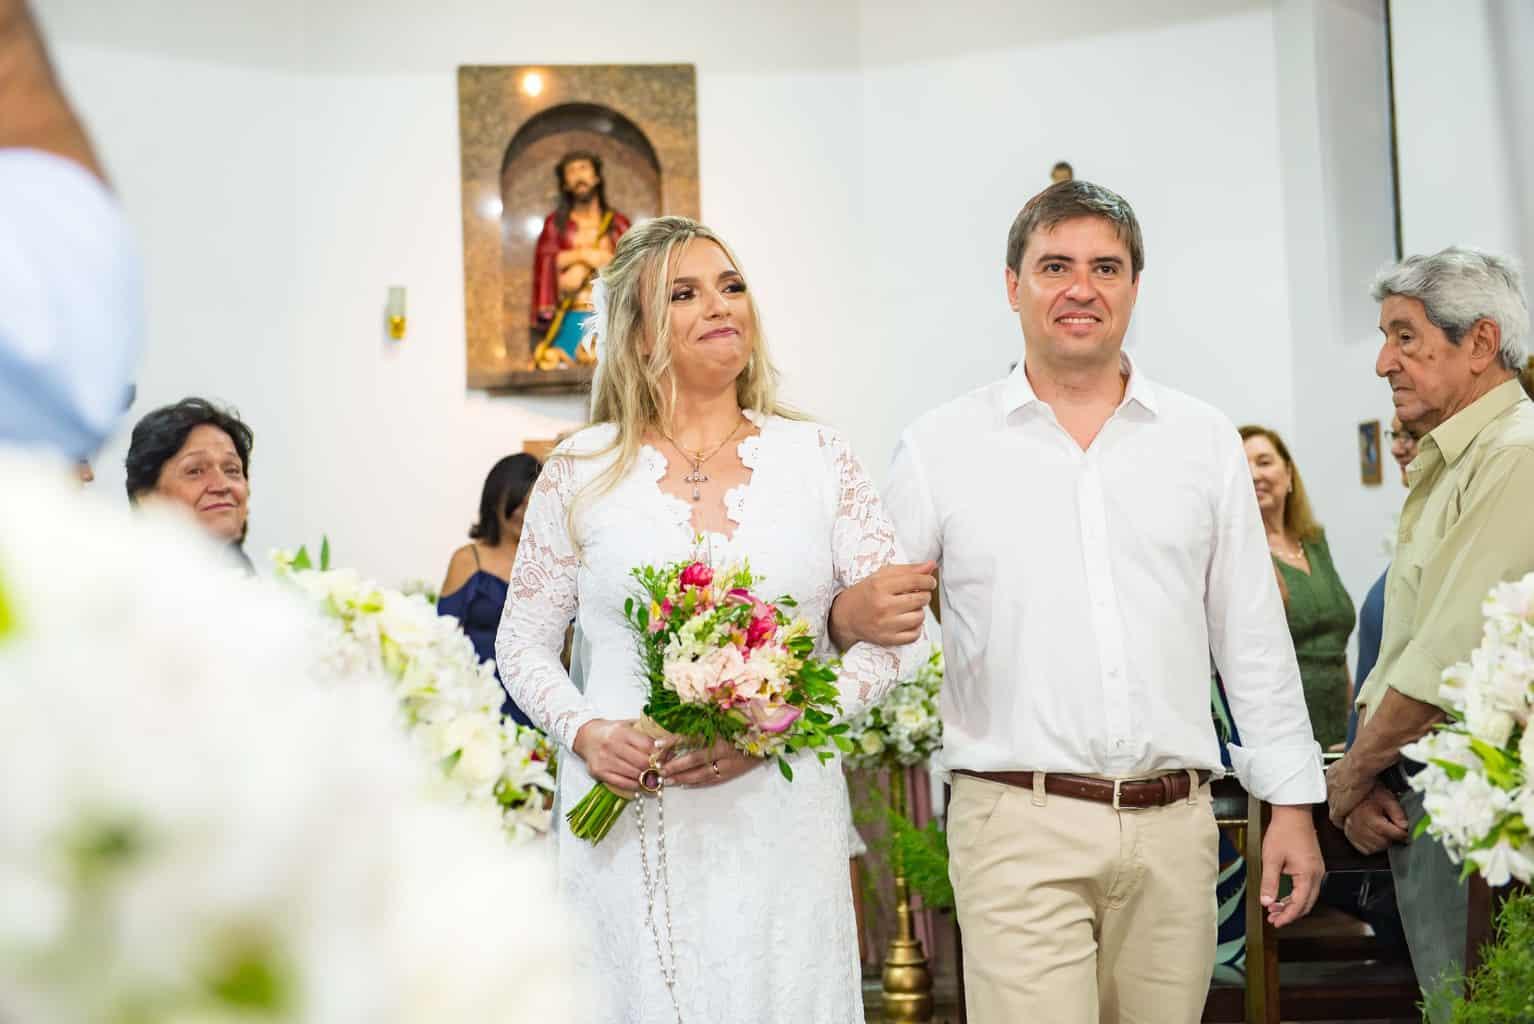 Capela-Santo-Cristo-dos-Milagres-casamento-religioso-Casamento-Roberta-e-Angelo-Danielle-Loureiro19